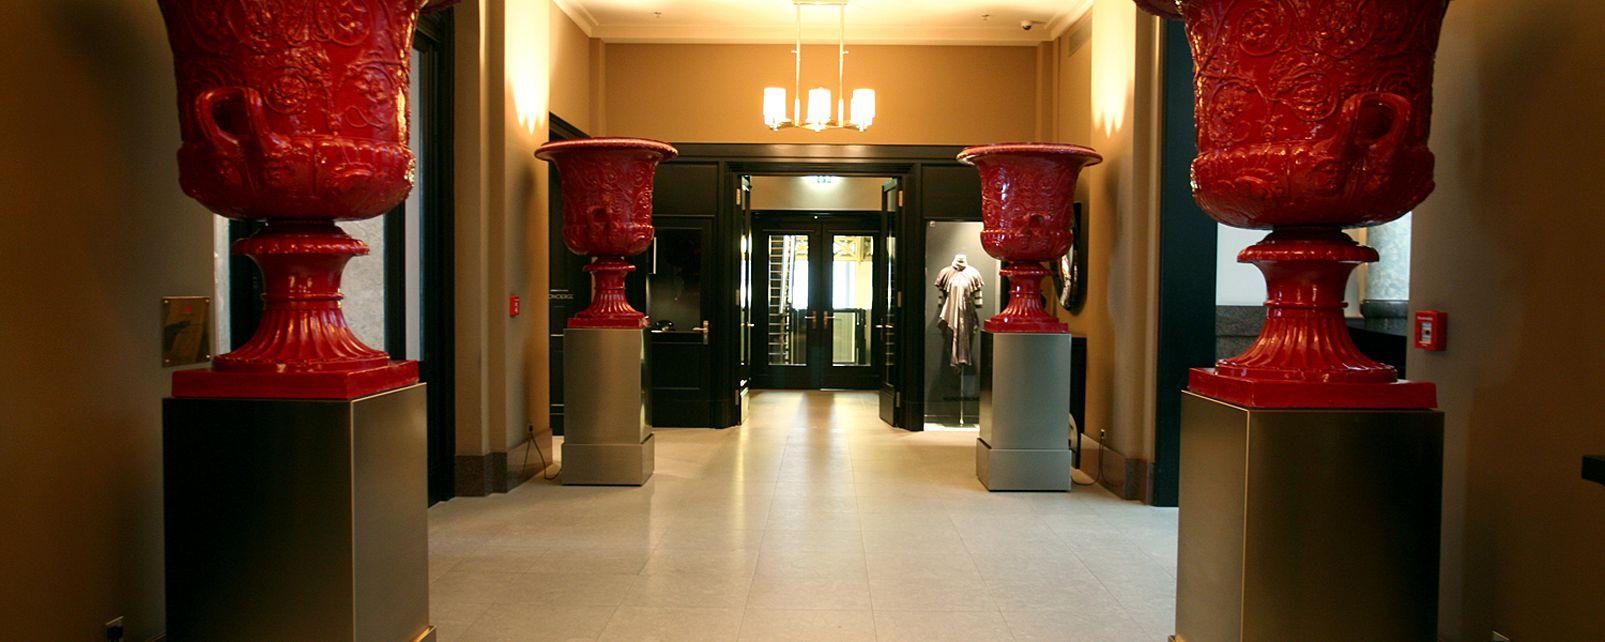 Hotel Rocco Forte The de Rome